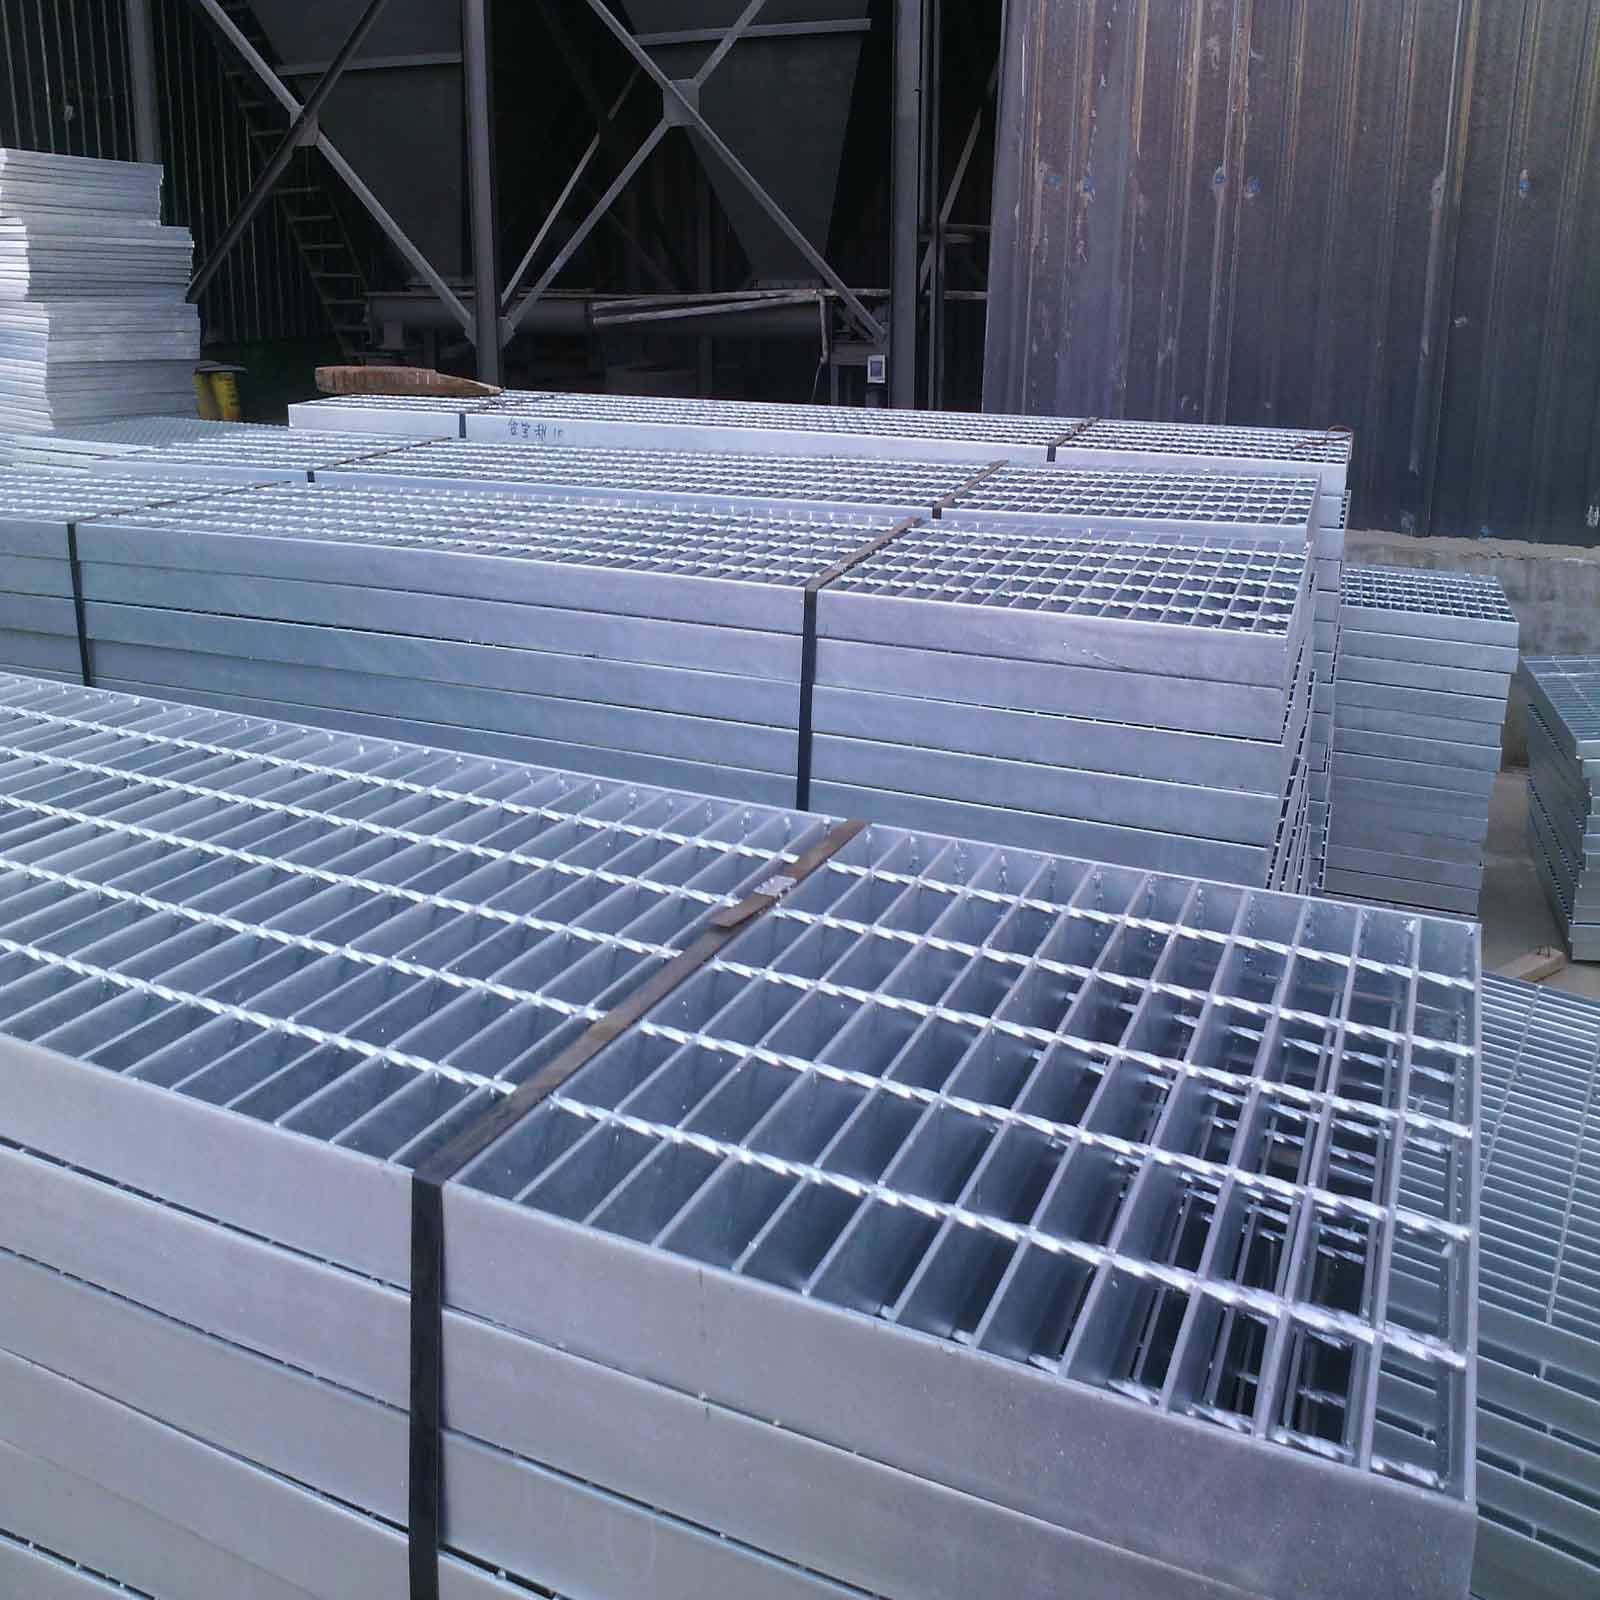 【钢格栅】长春镀锌钢格栅板A钢格板厂家直销价 奥津丝网示例图1